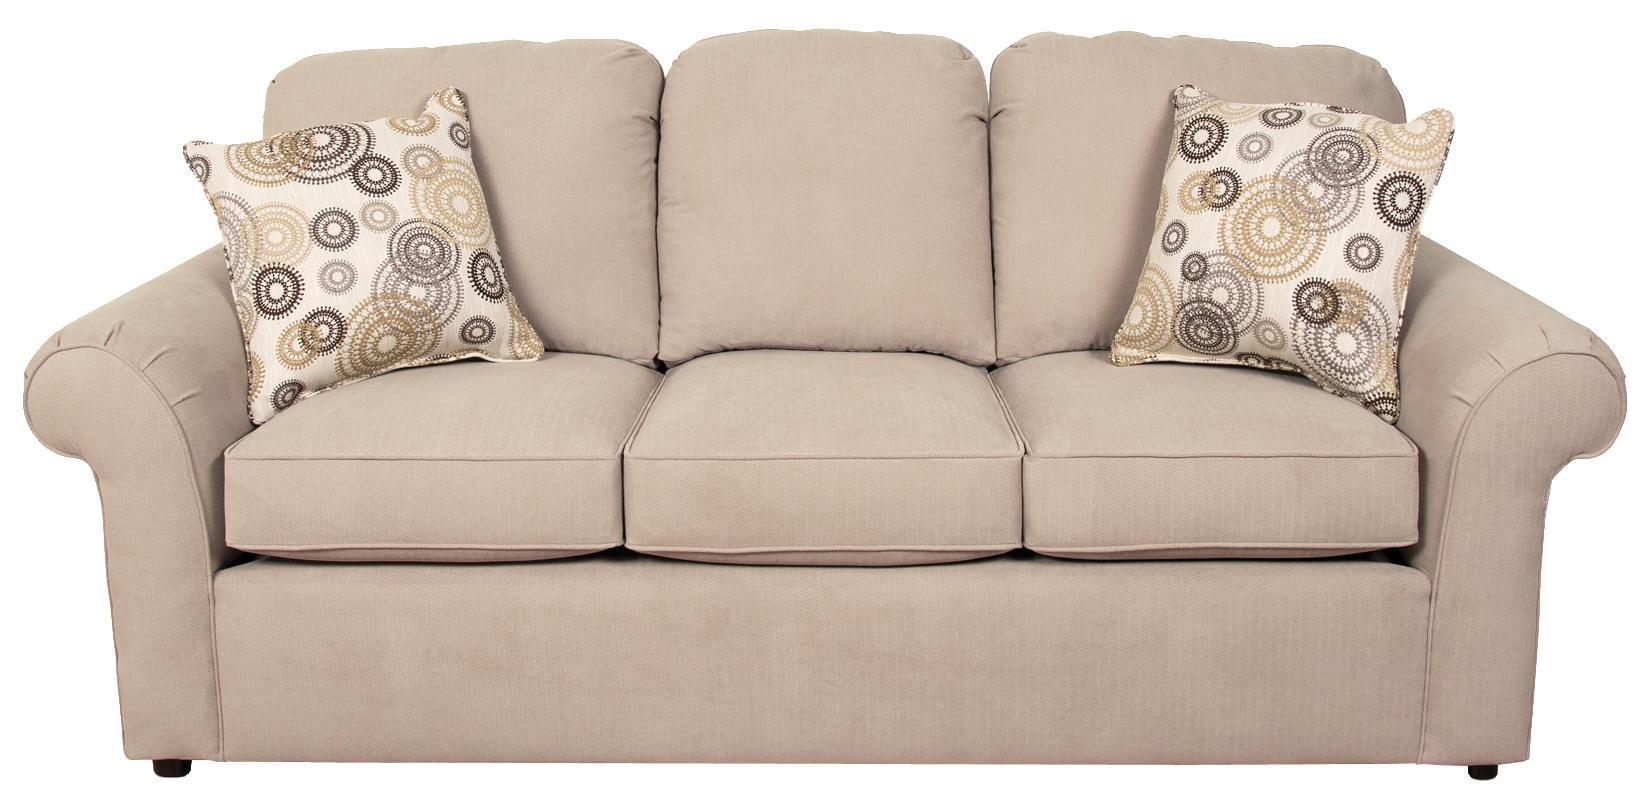 England Malibu Sleeper Sofa - Item Number: 2409